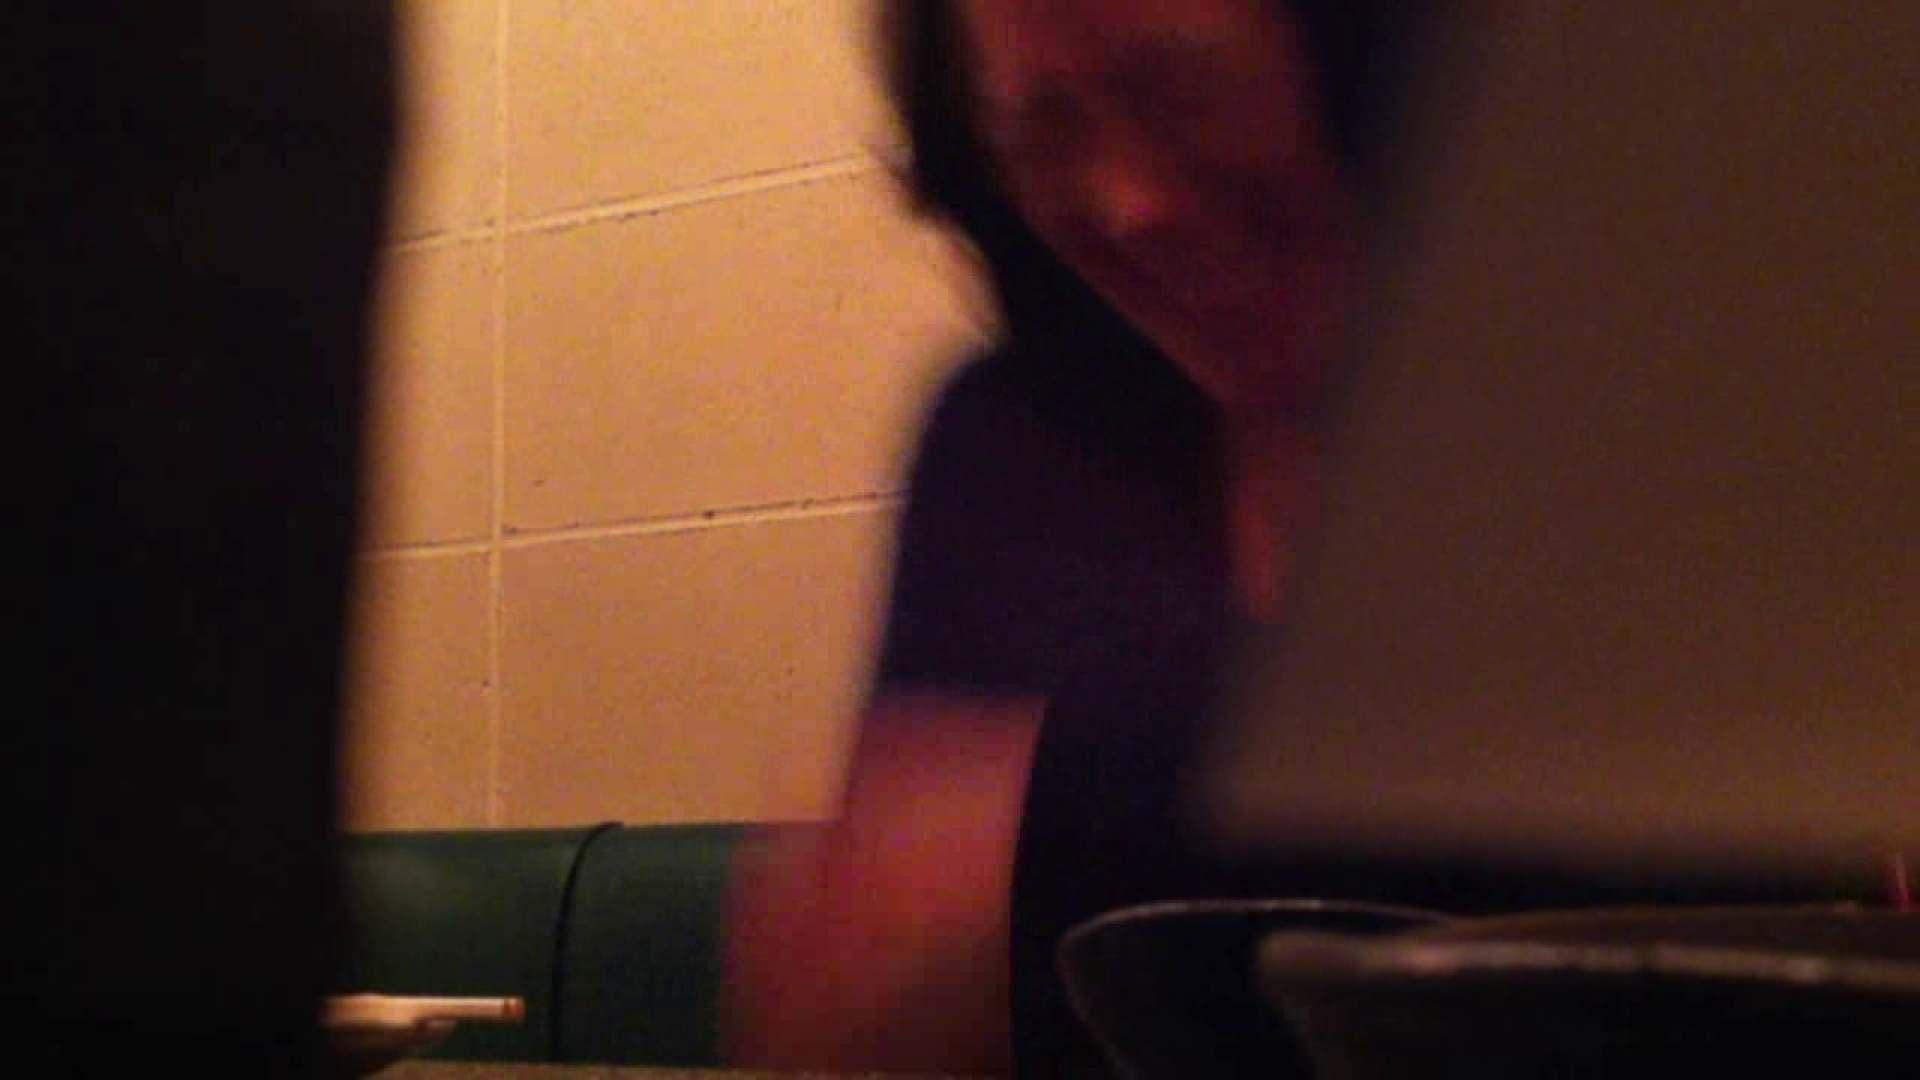 32才バツイチ子持ち現役看護婦じゅんこの変態願望Vol.1 美しいOLの裸体 おめこ無修正画像 104pic 34